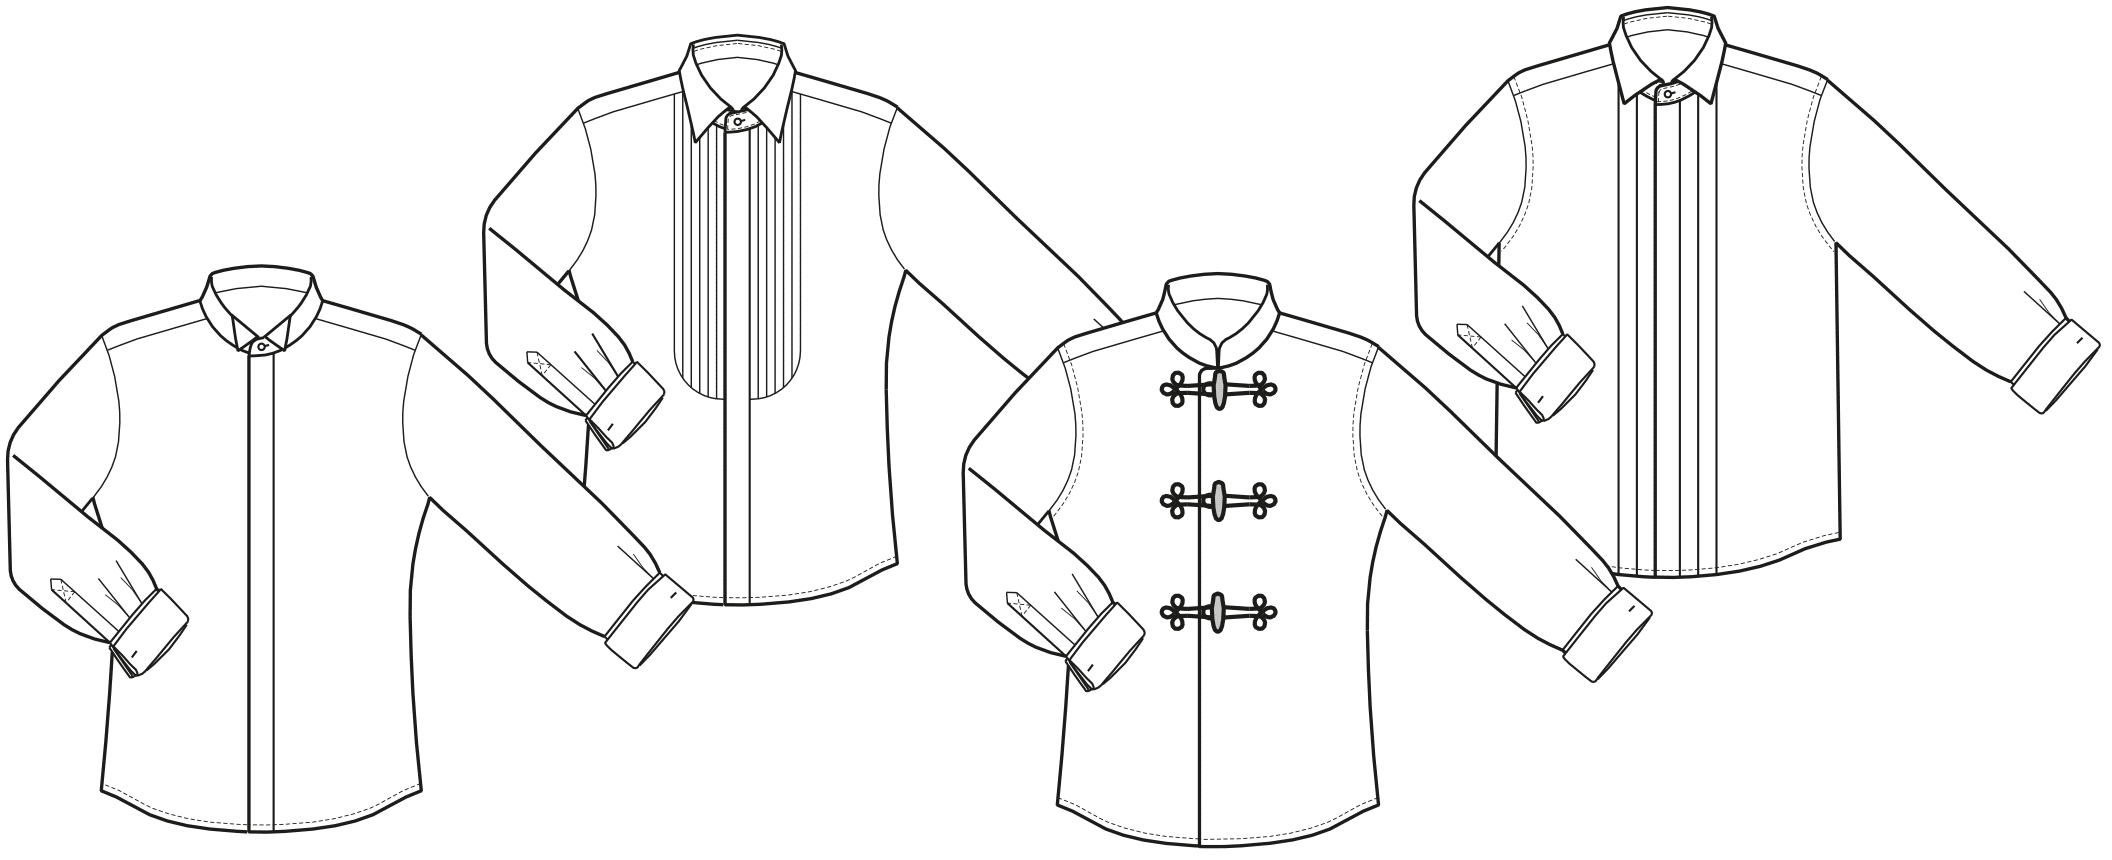 Technische Zeichnungen von Hemden in Bauchgröße für Dirigenten ist abgebildet.